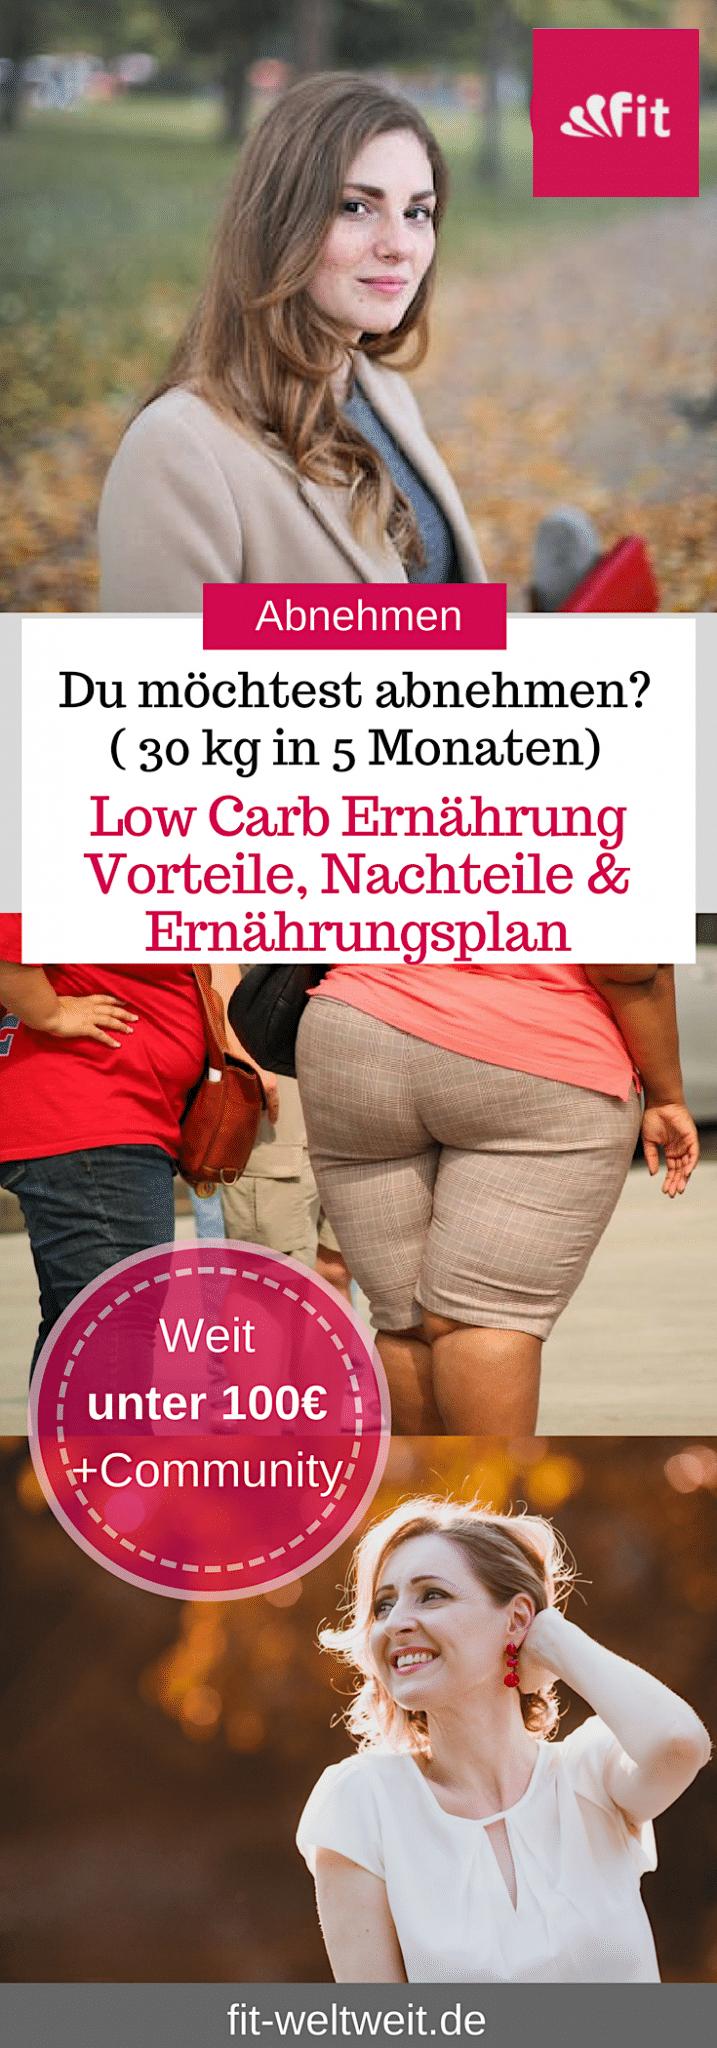 """Die Low Carb Ernährung ist extrem beliebt. Im neuen Kochbuch """"Abnehmtricks und Abnehmtipps"""" von Benjamin Oltman (Werbung) orientiert sich der gesamte #Ernährungsplan an der Low Carb #Diät. Denn nicht nur unter den Diät Suchenden und Fitnessexperten ist diese Ernährungsart seit Jahren beliebt, sondern auch bei den Sportlern, Ernährungsberatern und Heilpraktikern selbst. Aber ist #LowCarb überhaupt gesund? #abnehmen #Rezepte"""